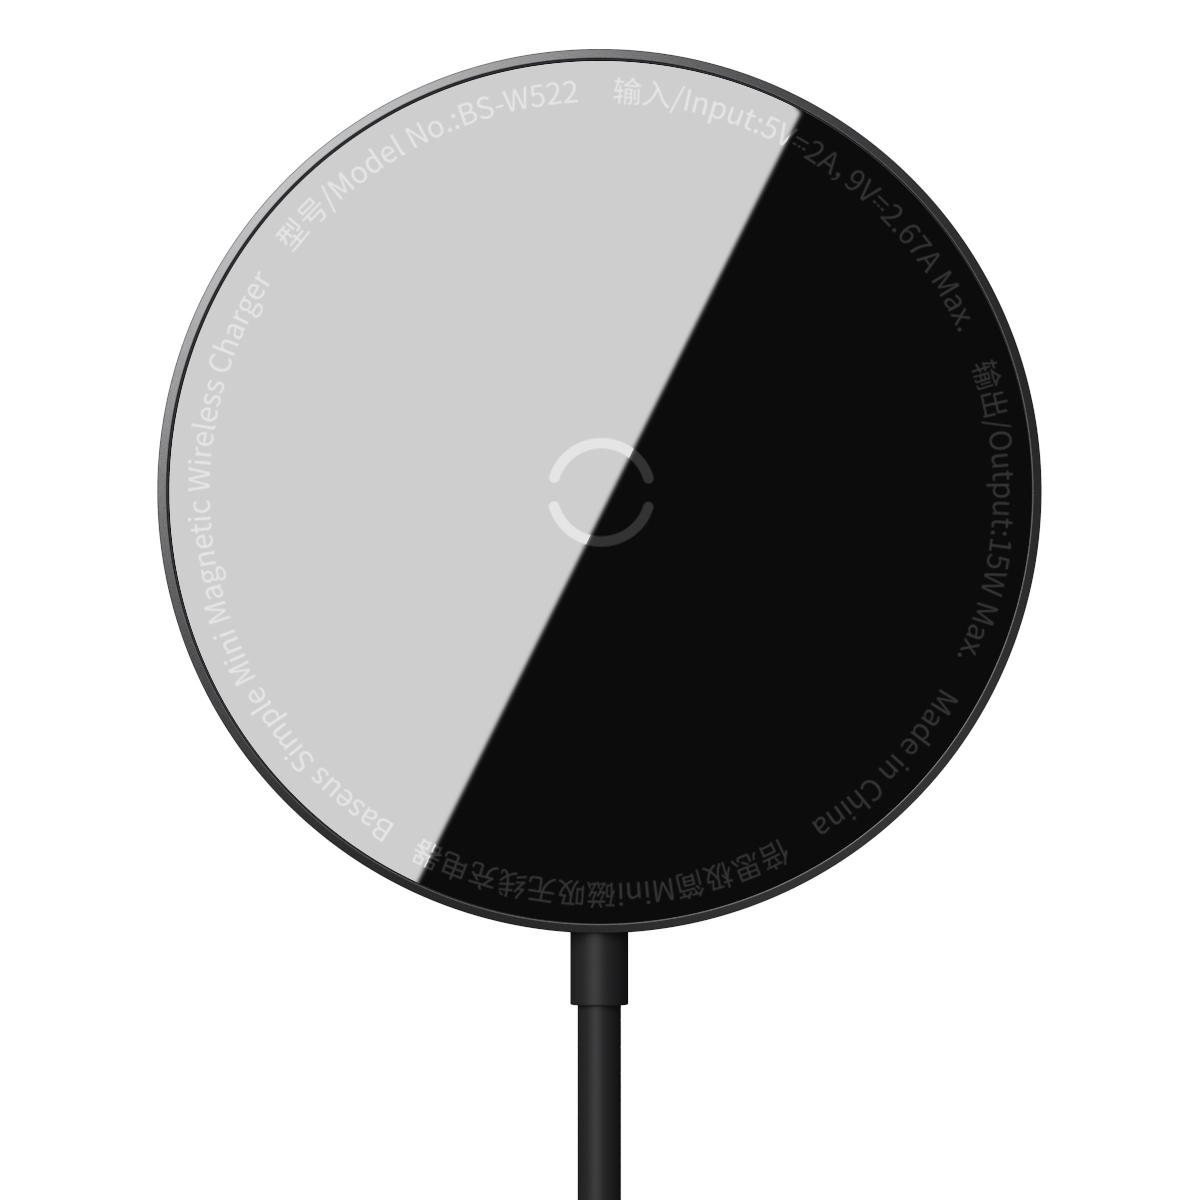 Baseus WXJK-F01 Magnetisk trådlös laddare, iPhone 12, 15W, svart